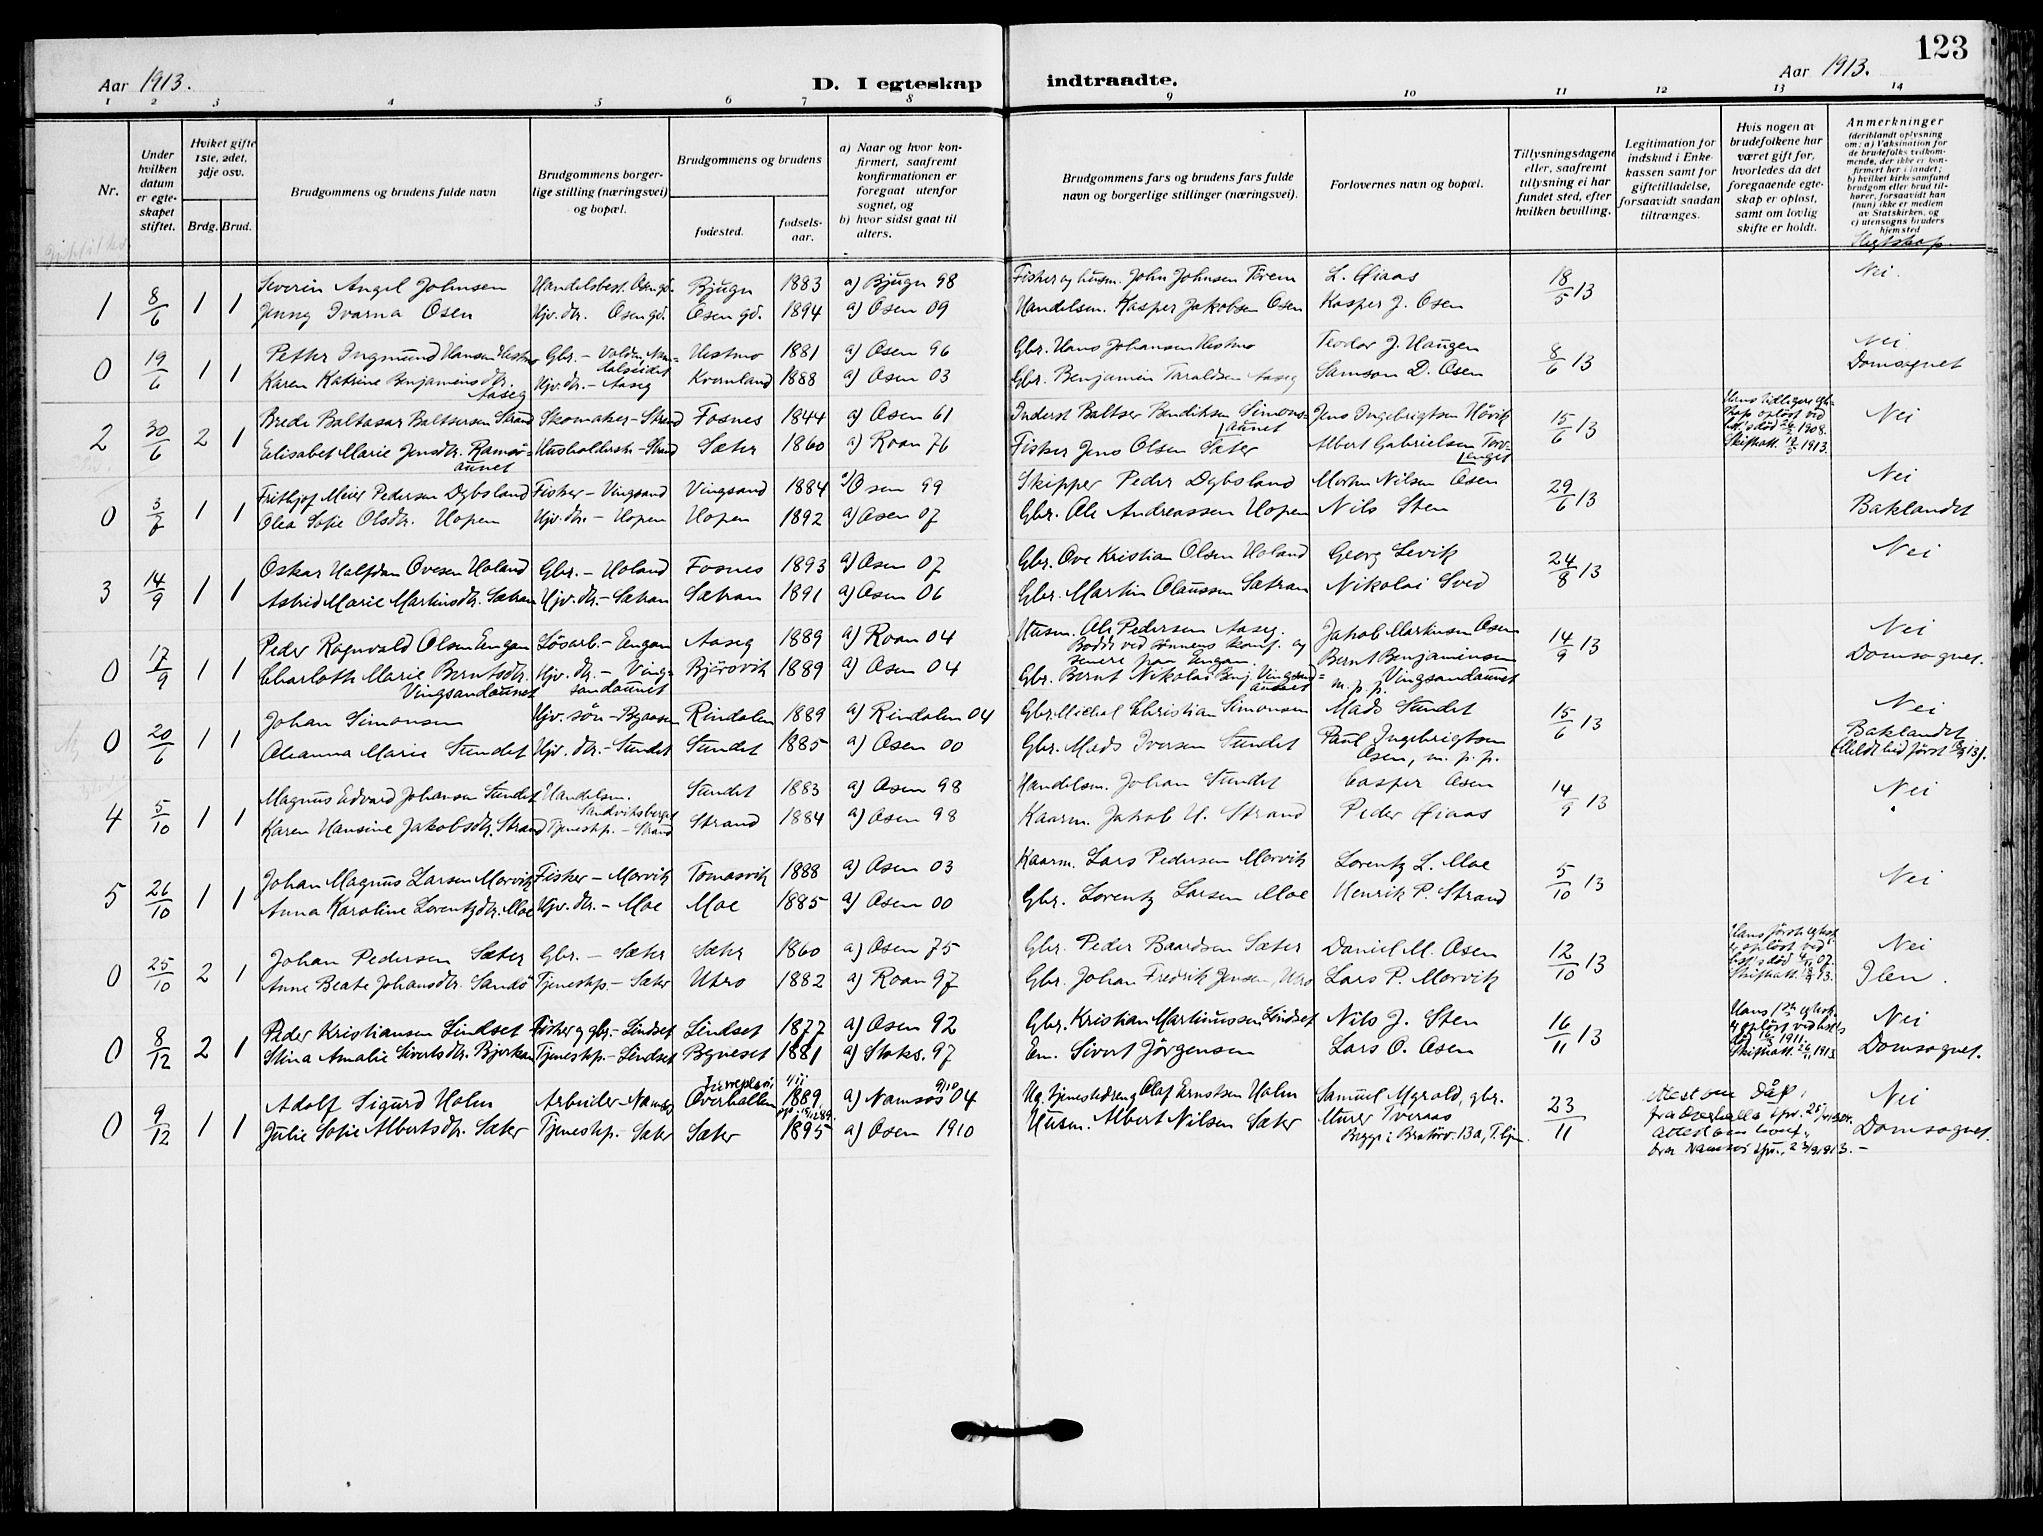 SAT, Ministerialprotokoller, klokkerbøker og fødselsregistre - Sør-Trøndelag, 658/L0724: Ministerialbok nr. 658A03, 1912-1924, s. 123